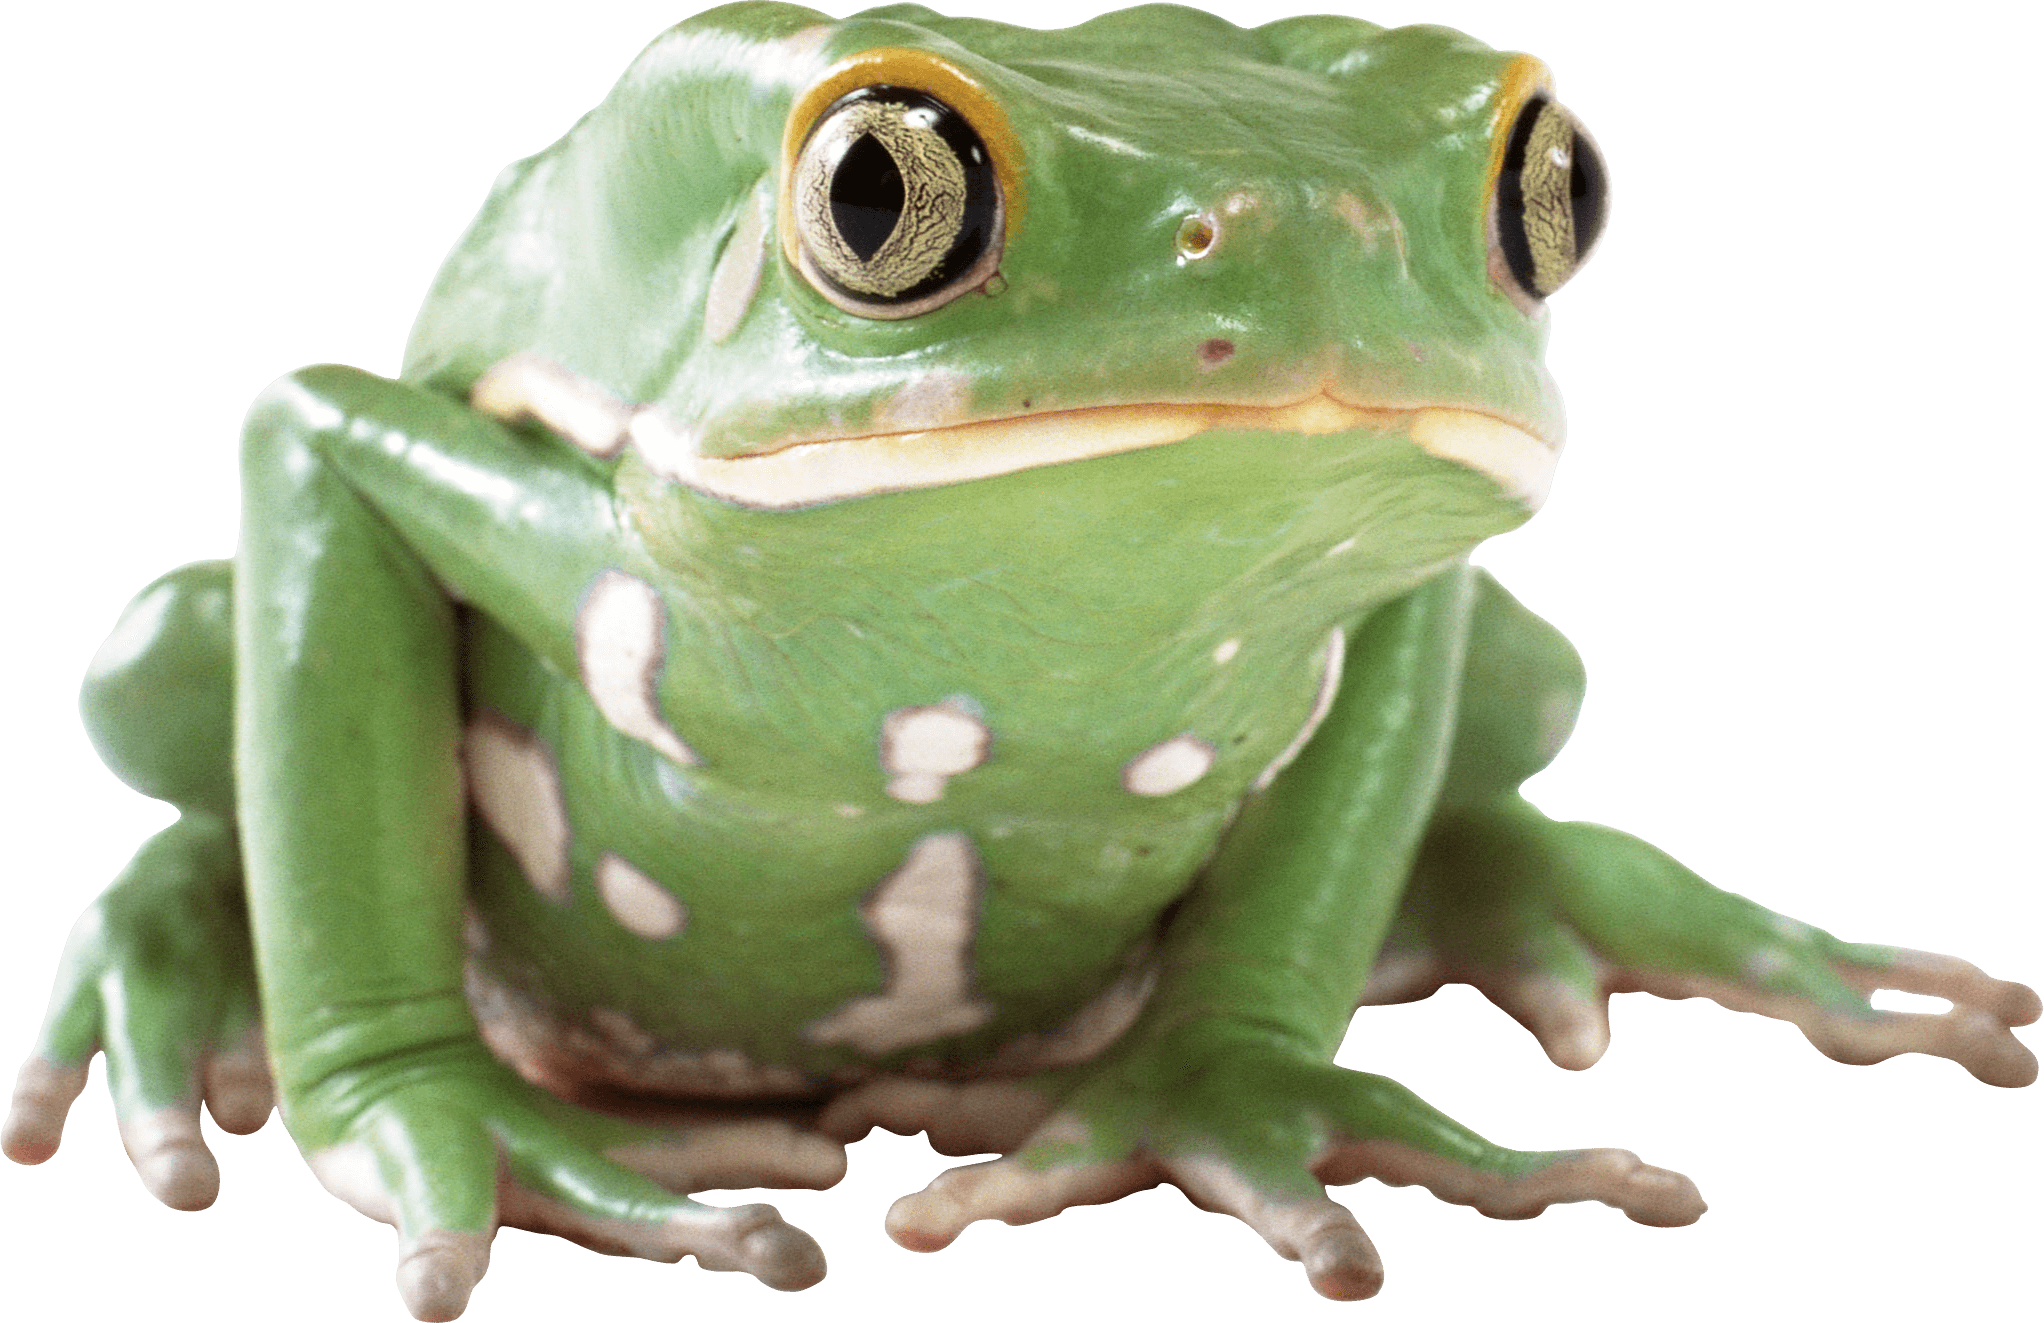 Green Frog transparent PNG.